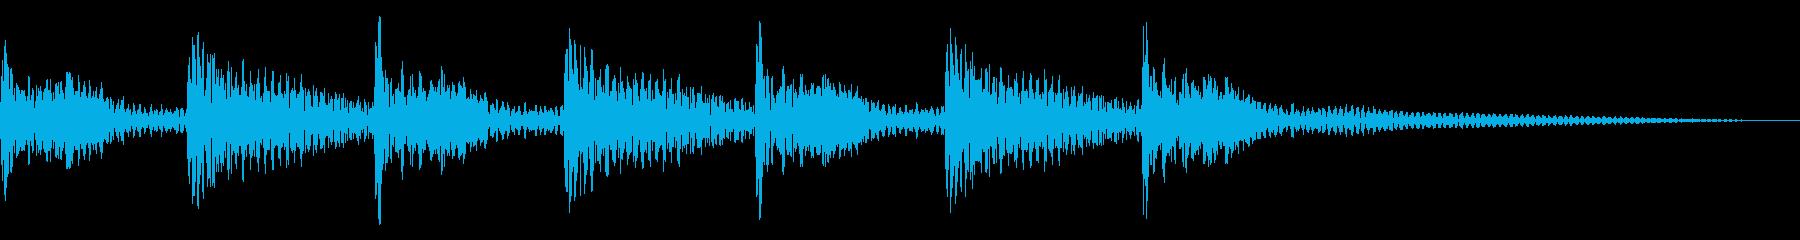 ティンパニ2エンディング、ハイアーの再生済みの波形